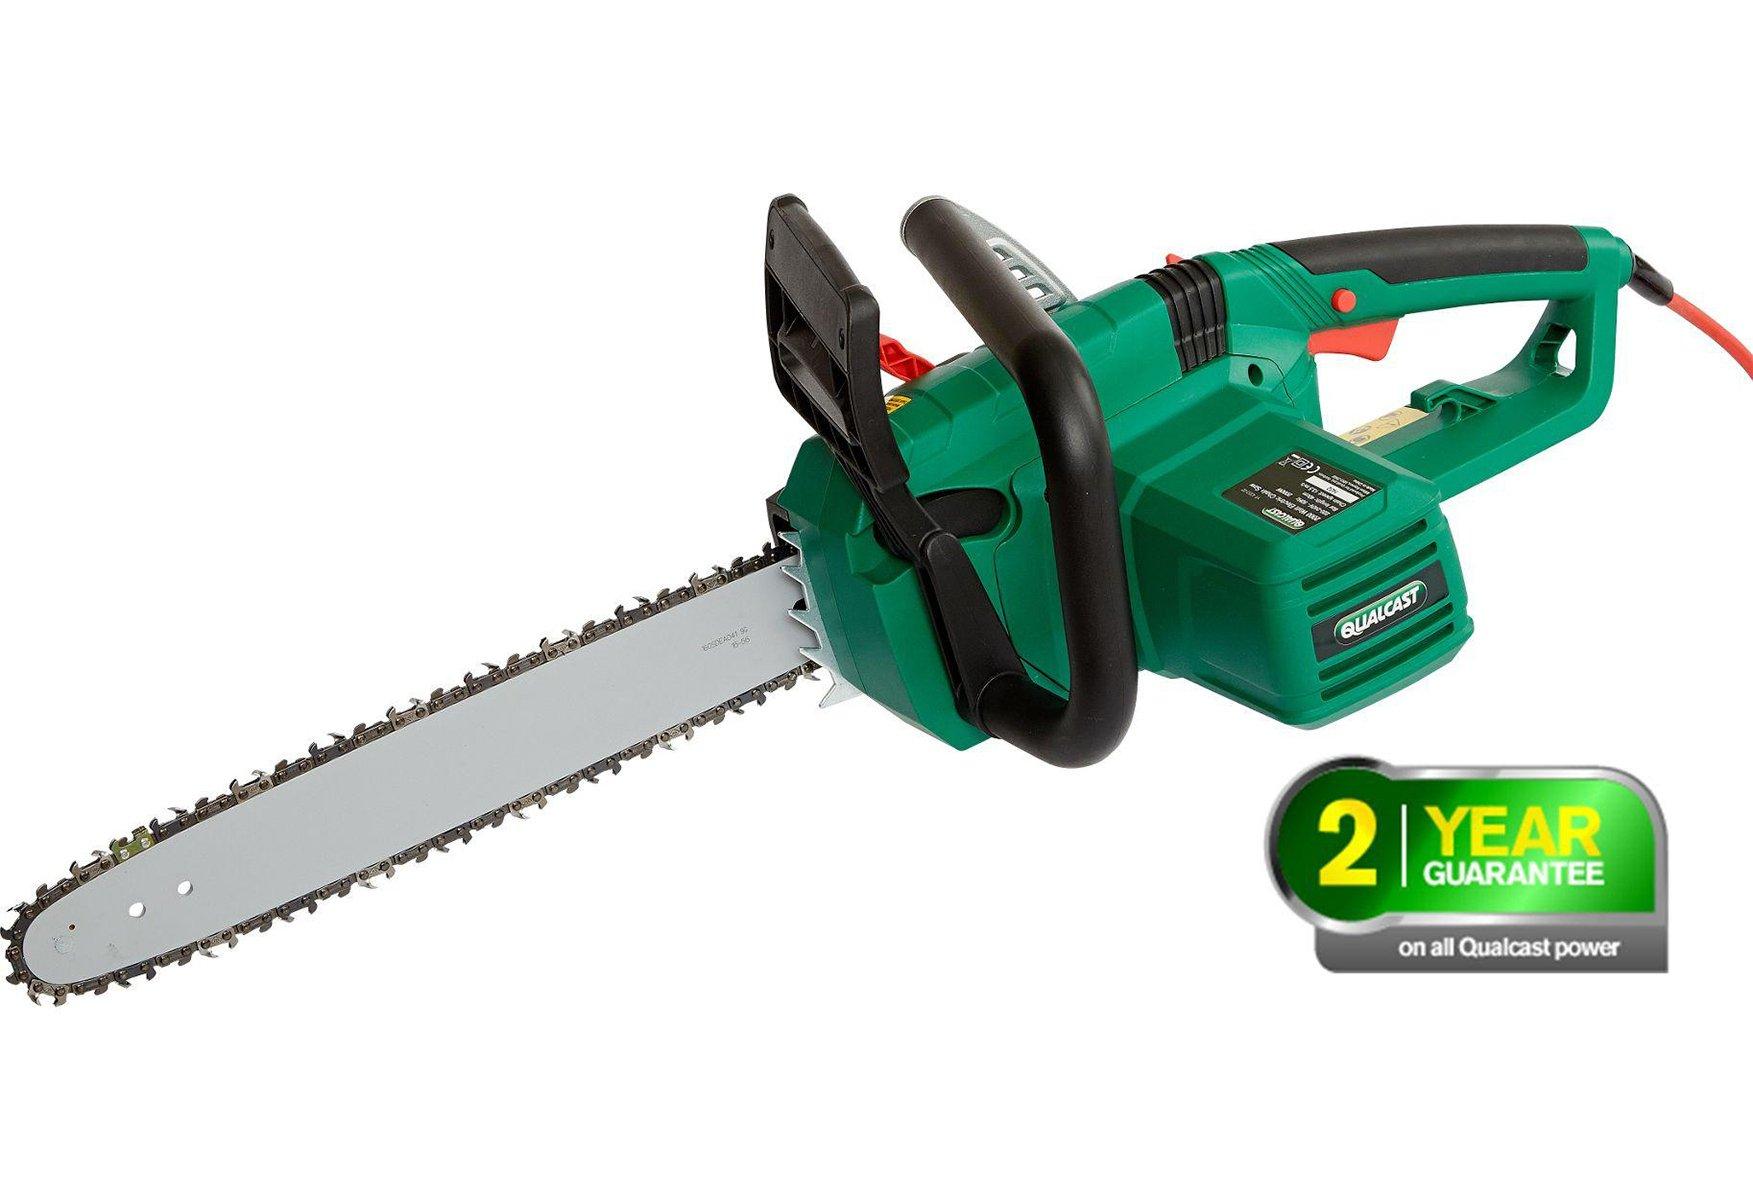 Qualcast - Corded Chainsaw - 2000W lowest price